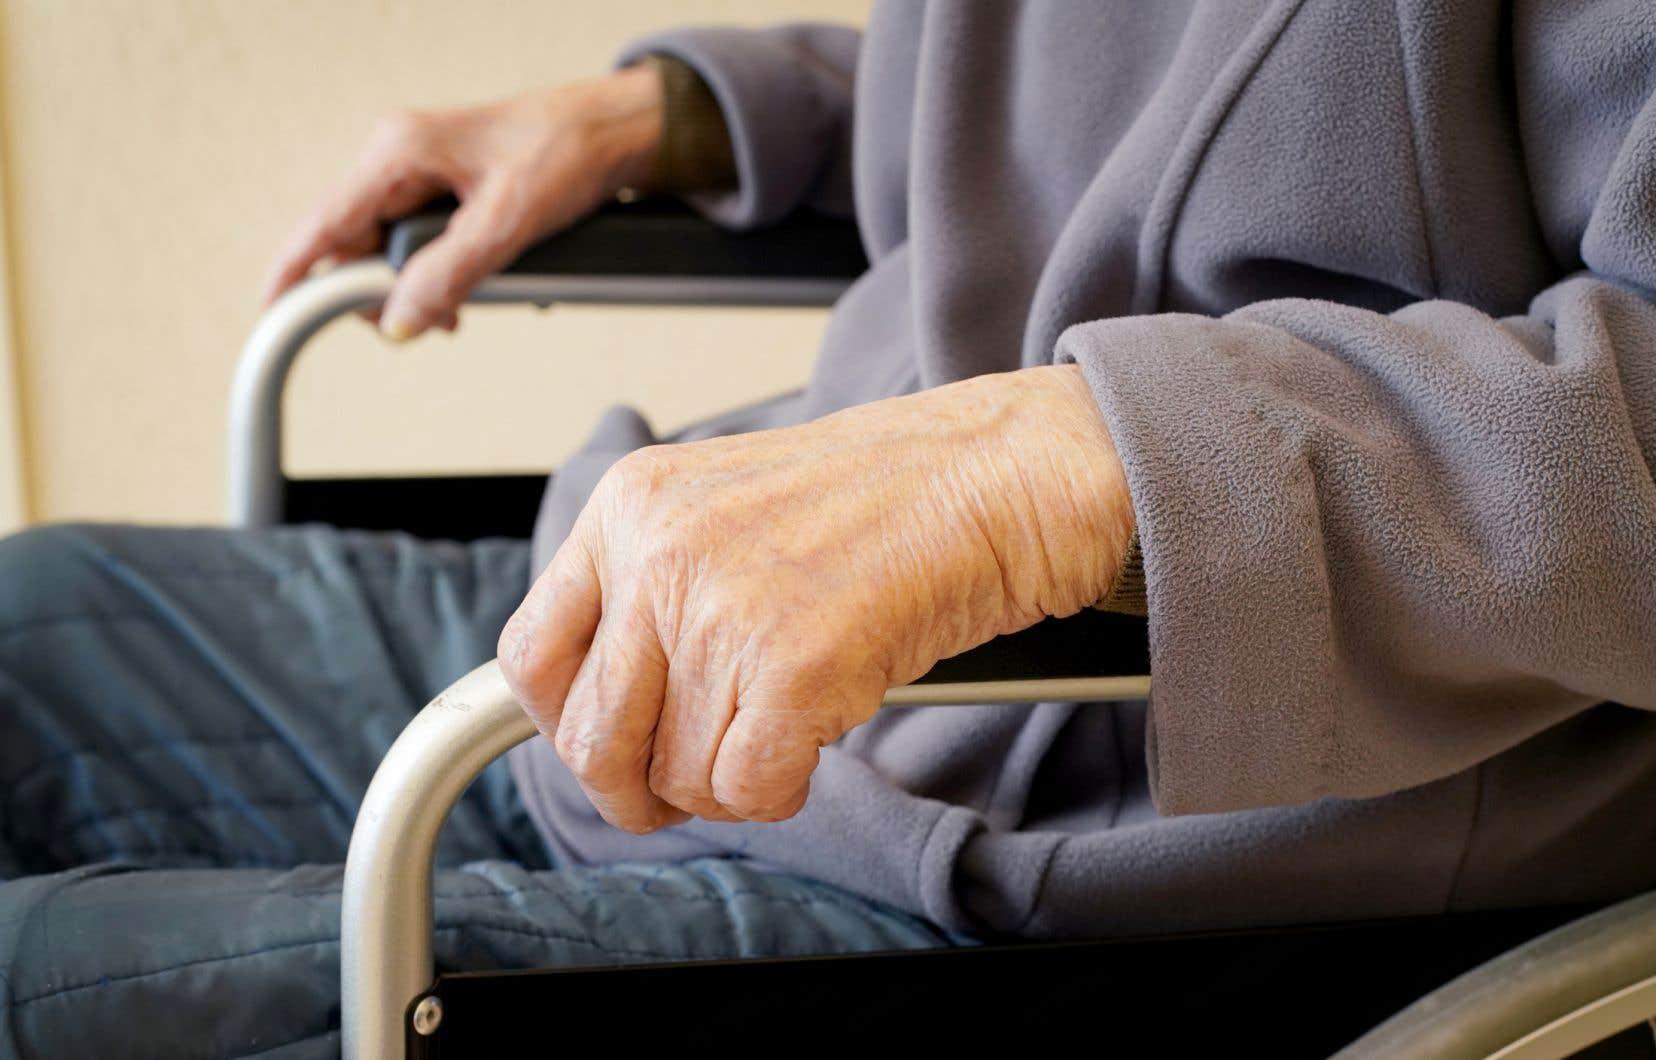 «Il faudra remettre la personne au cœur du système de santé et de services sociaux», insiste l'auteur.